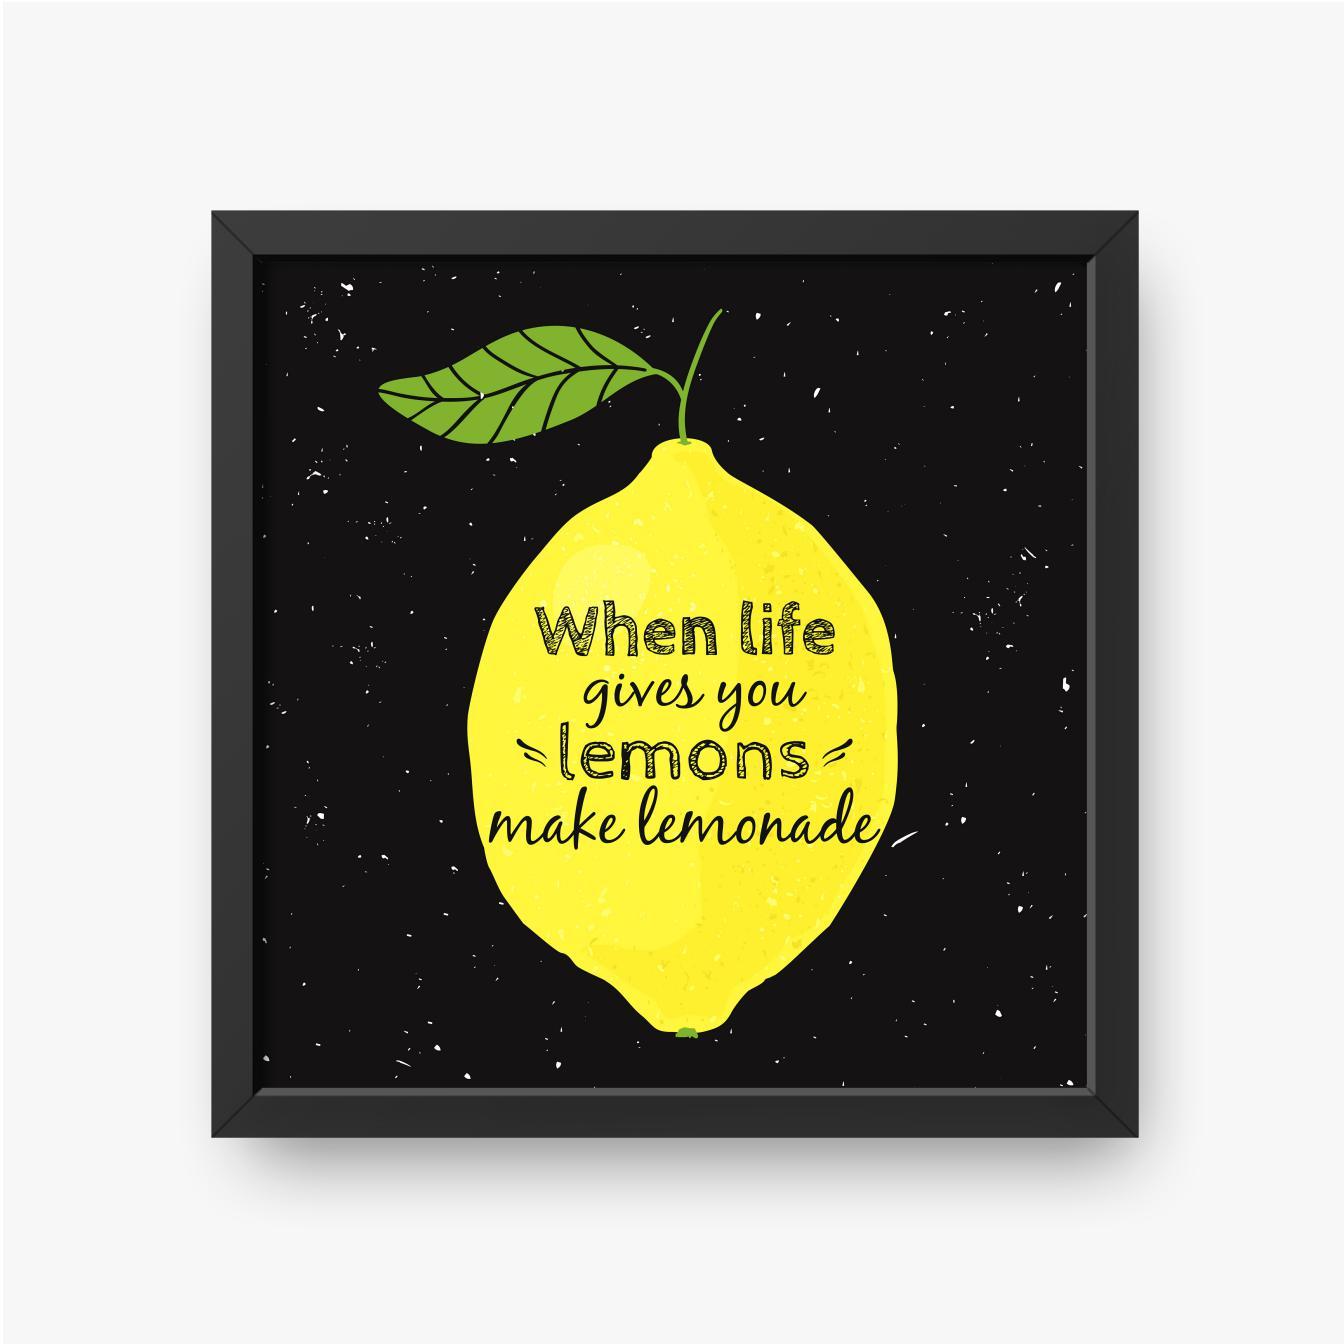 Żółta cytryna z tekstem w środku